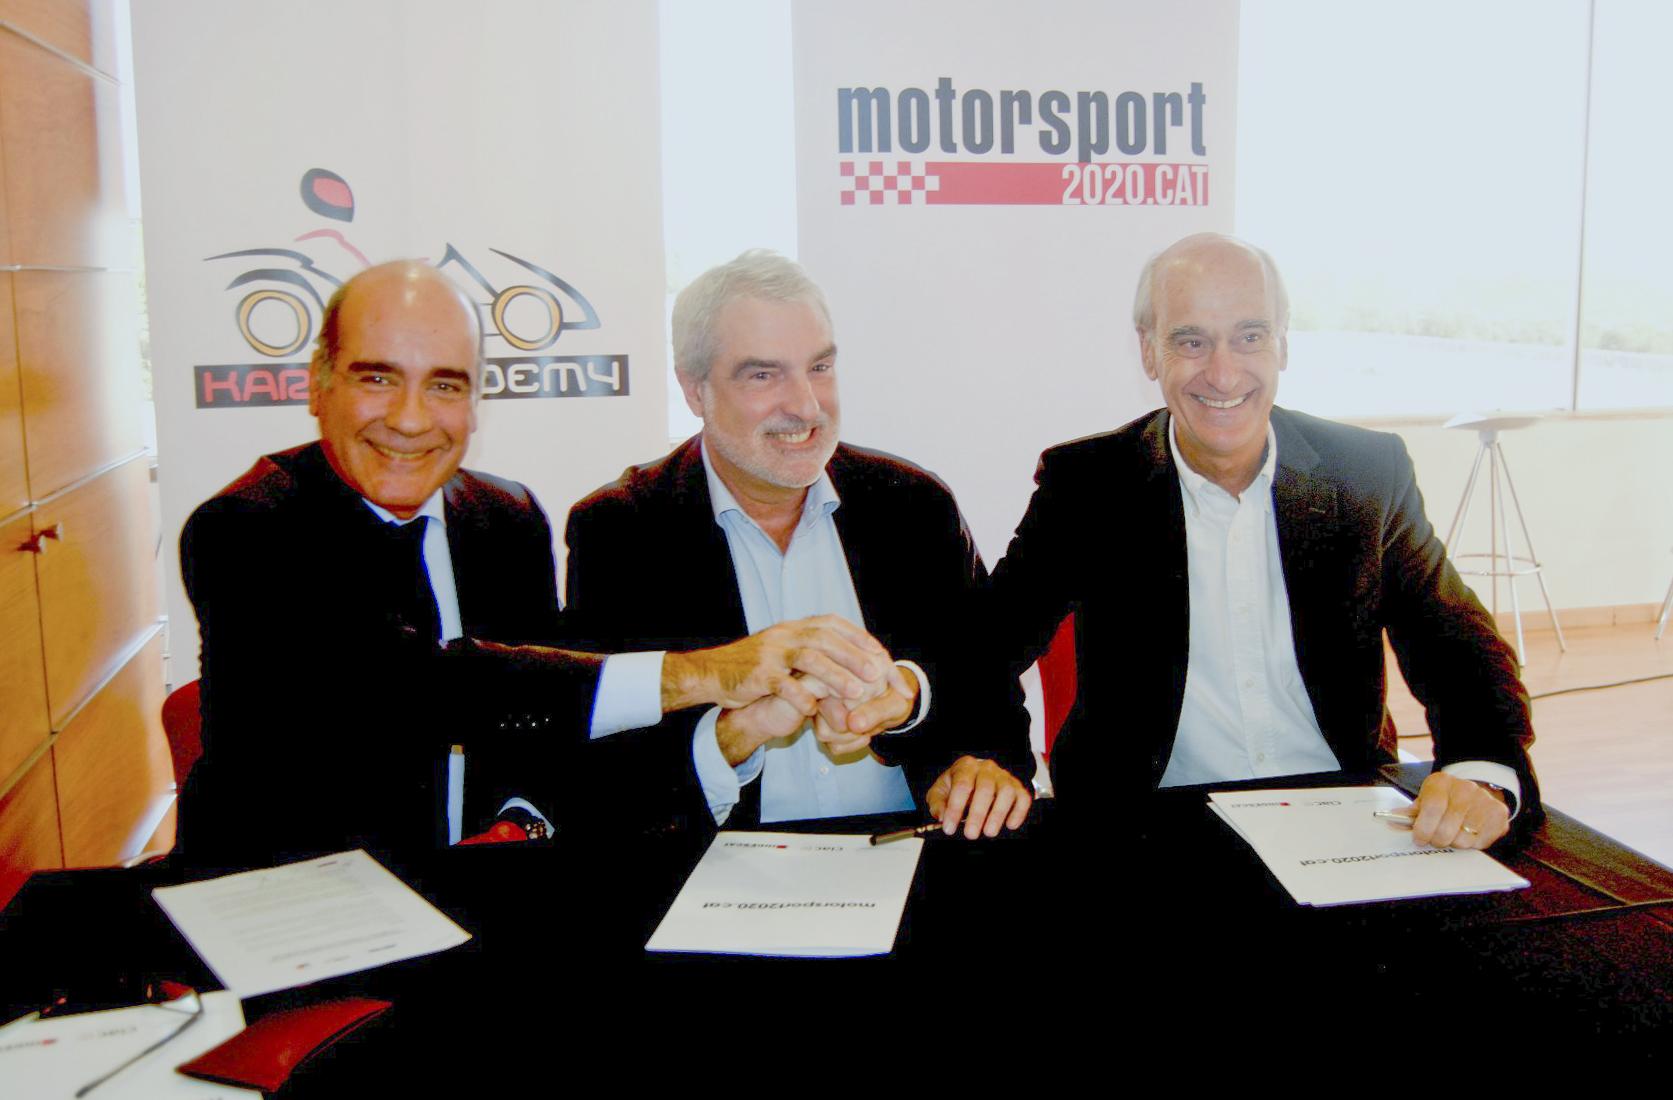 D'esquerra a dreta, Carles Grasas (STA), Joan Ollé (federació catalana) i Vicenç Aguilera, president del Circuit